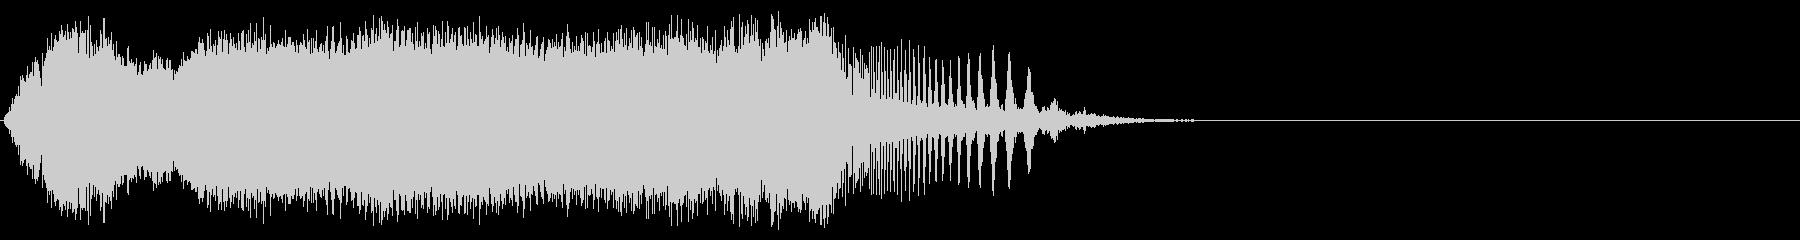 シャットダウン 3の未再生の波形